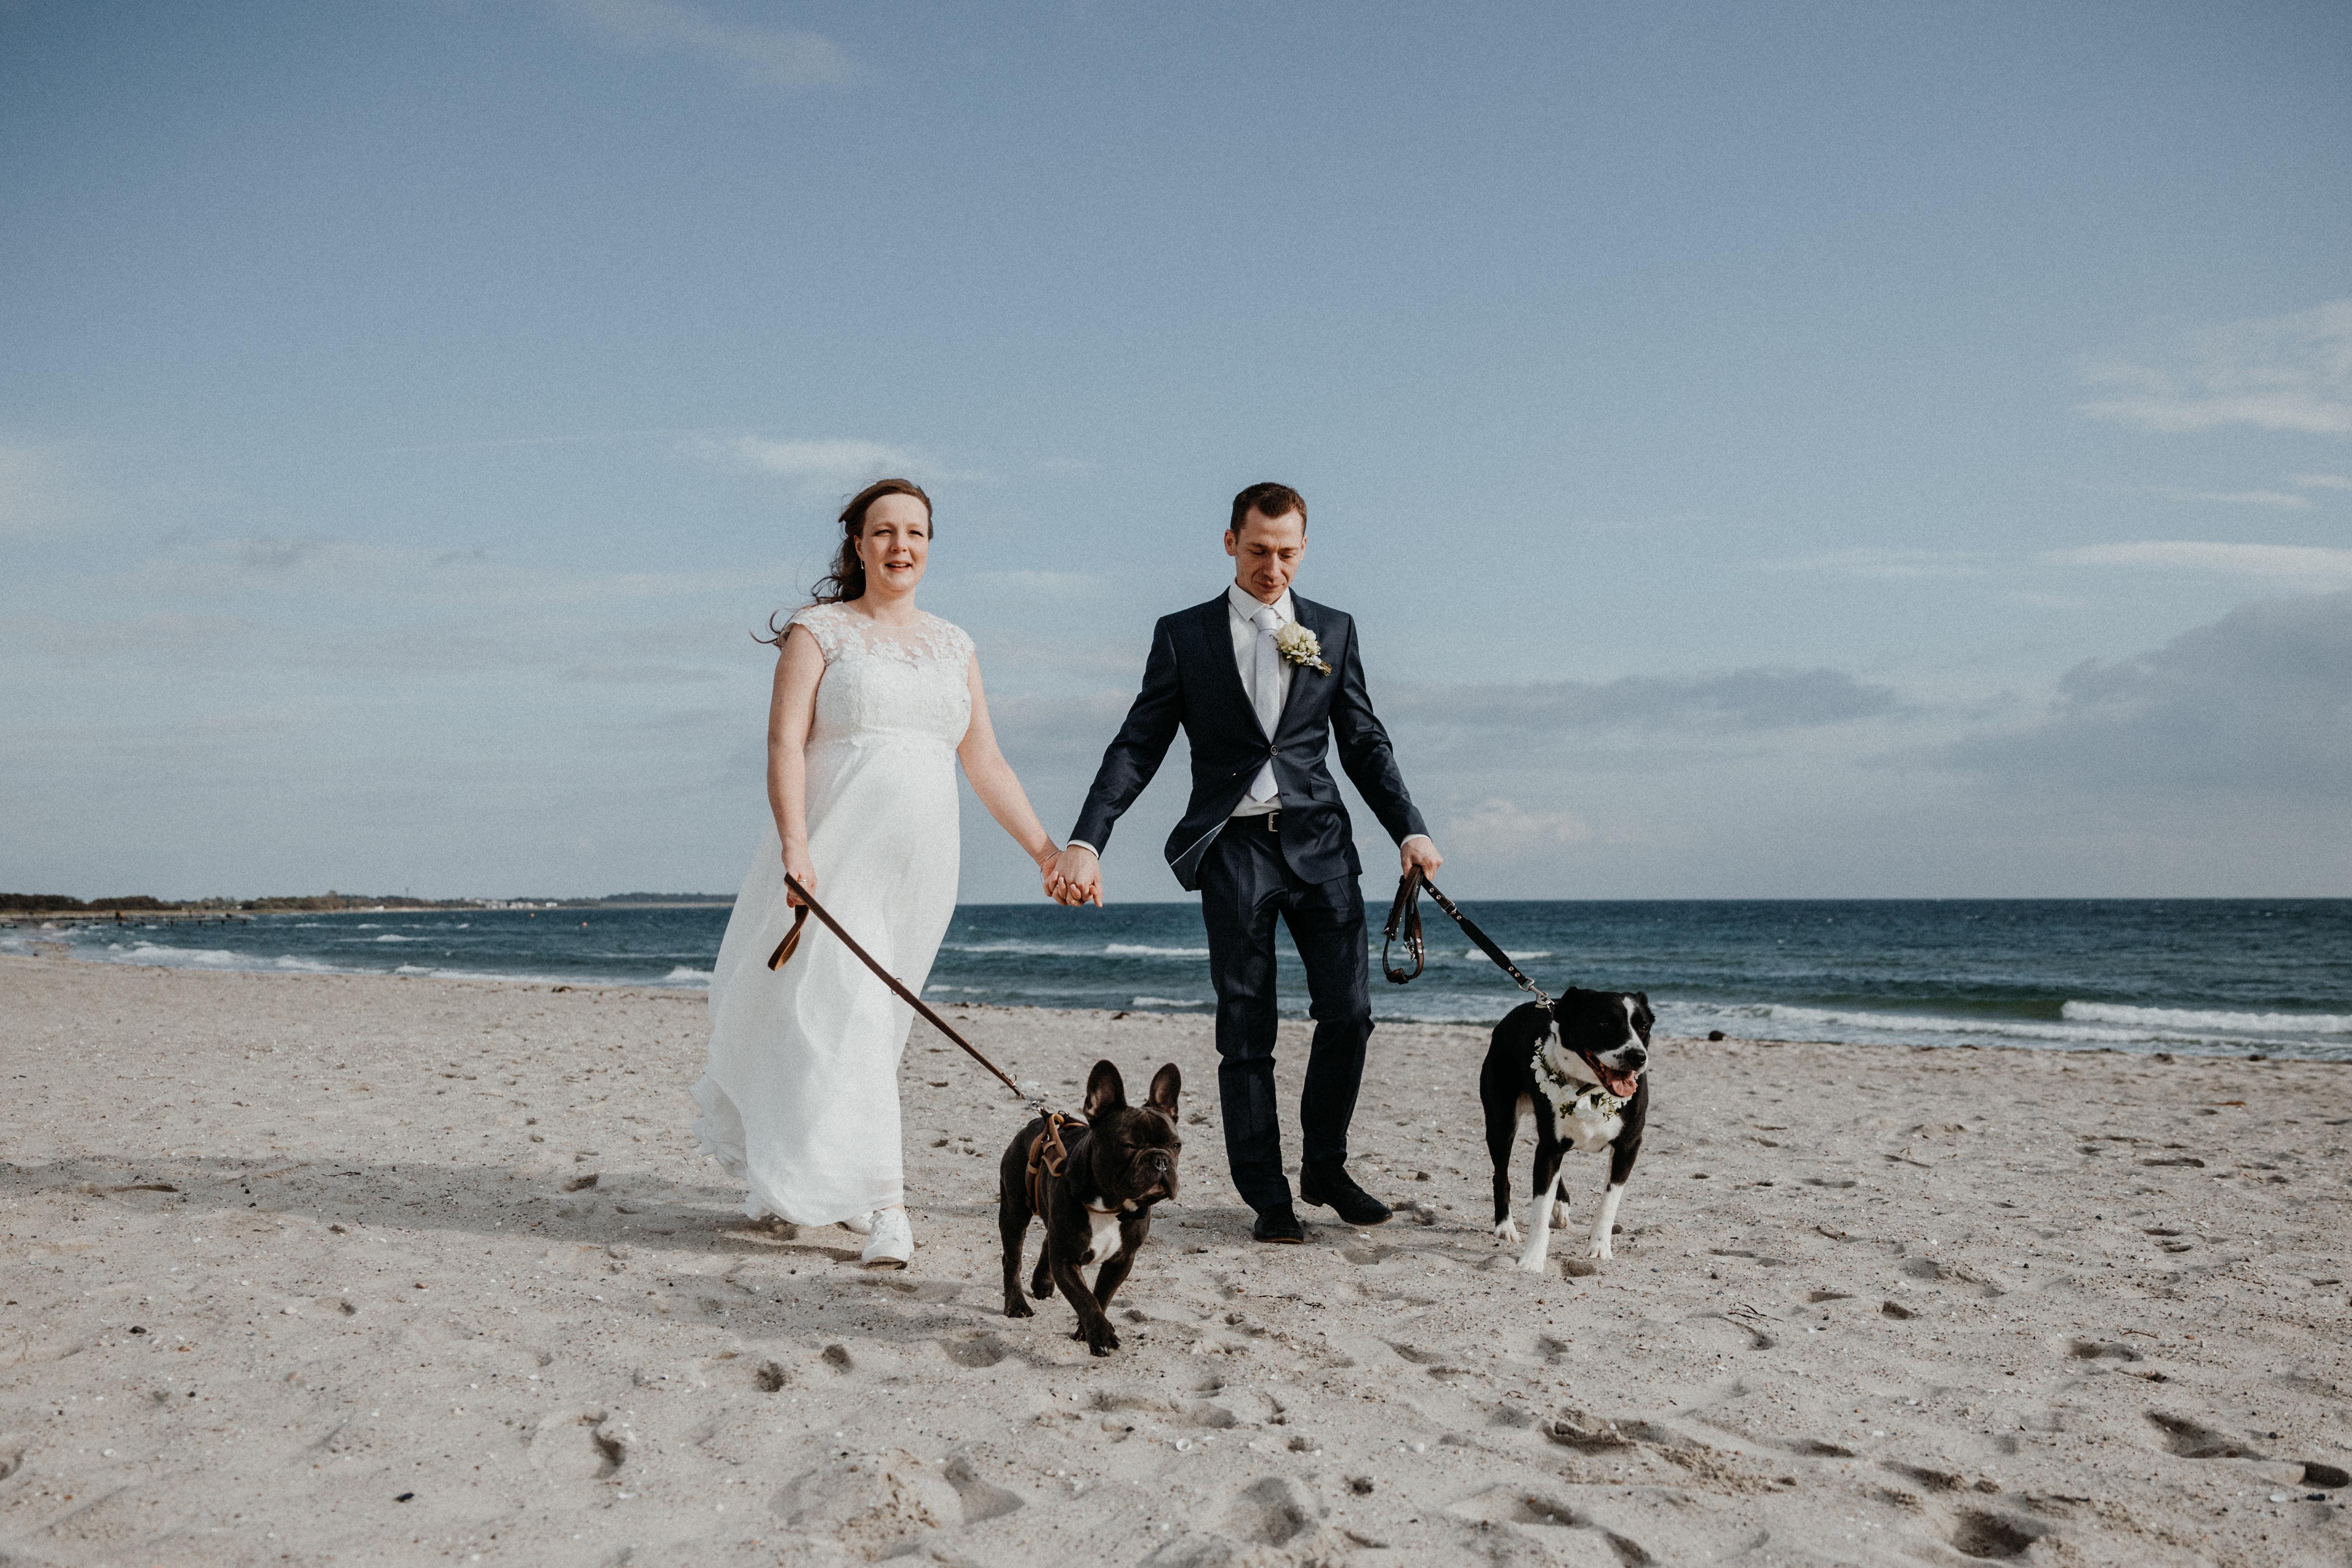 Hochzeit und Trauung im Standesamt auf Fehmarn. Hochzeitsfotograf Christian Boldt aus Stade bei Hamburg. Brautpaarshooting am Strand.